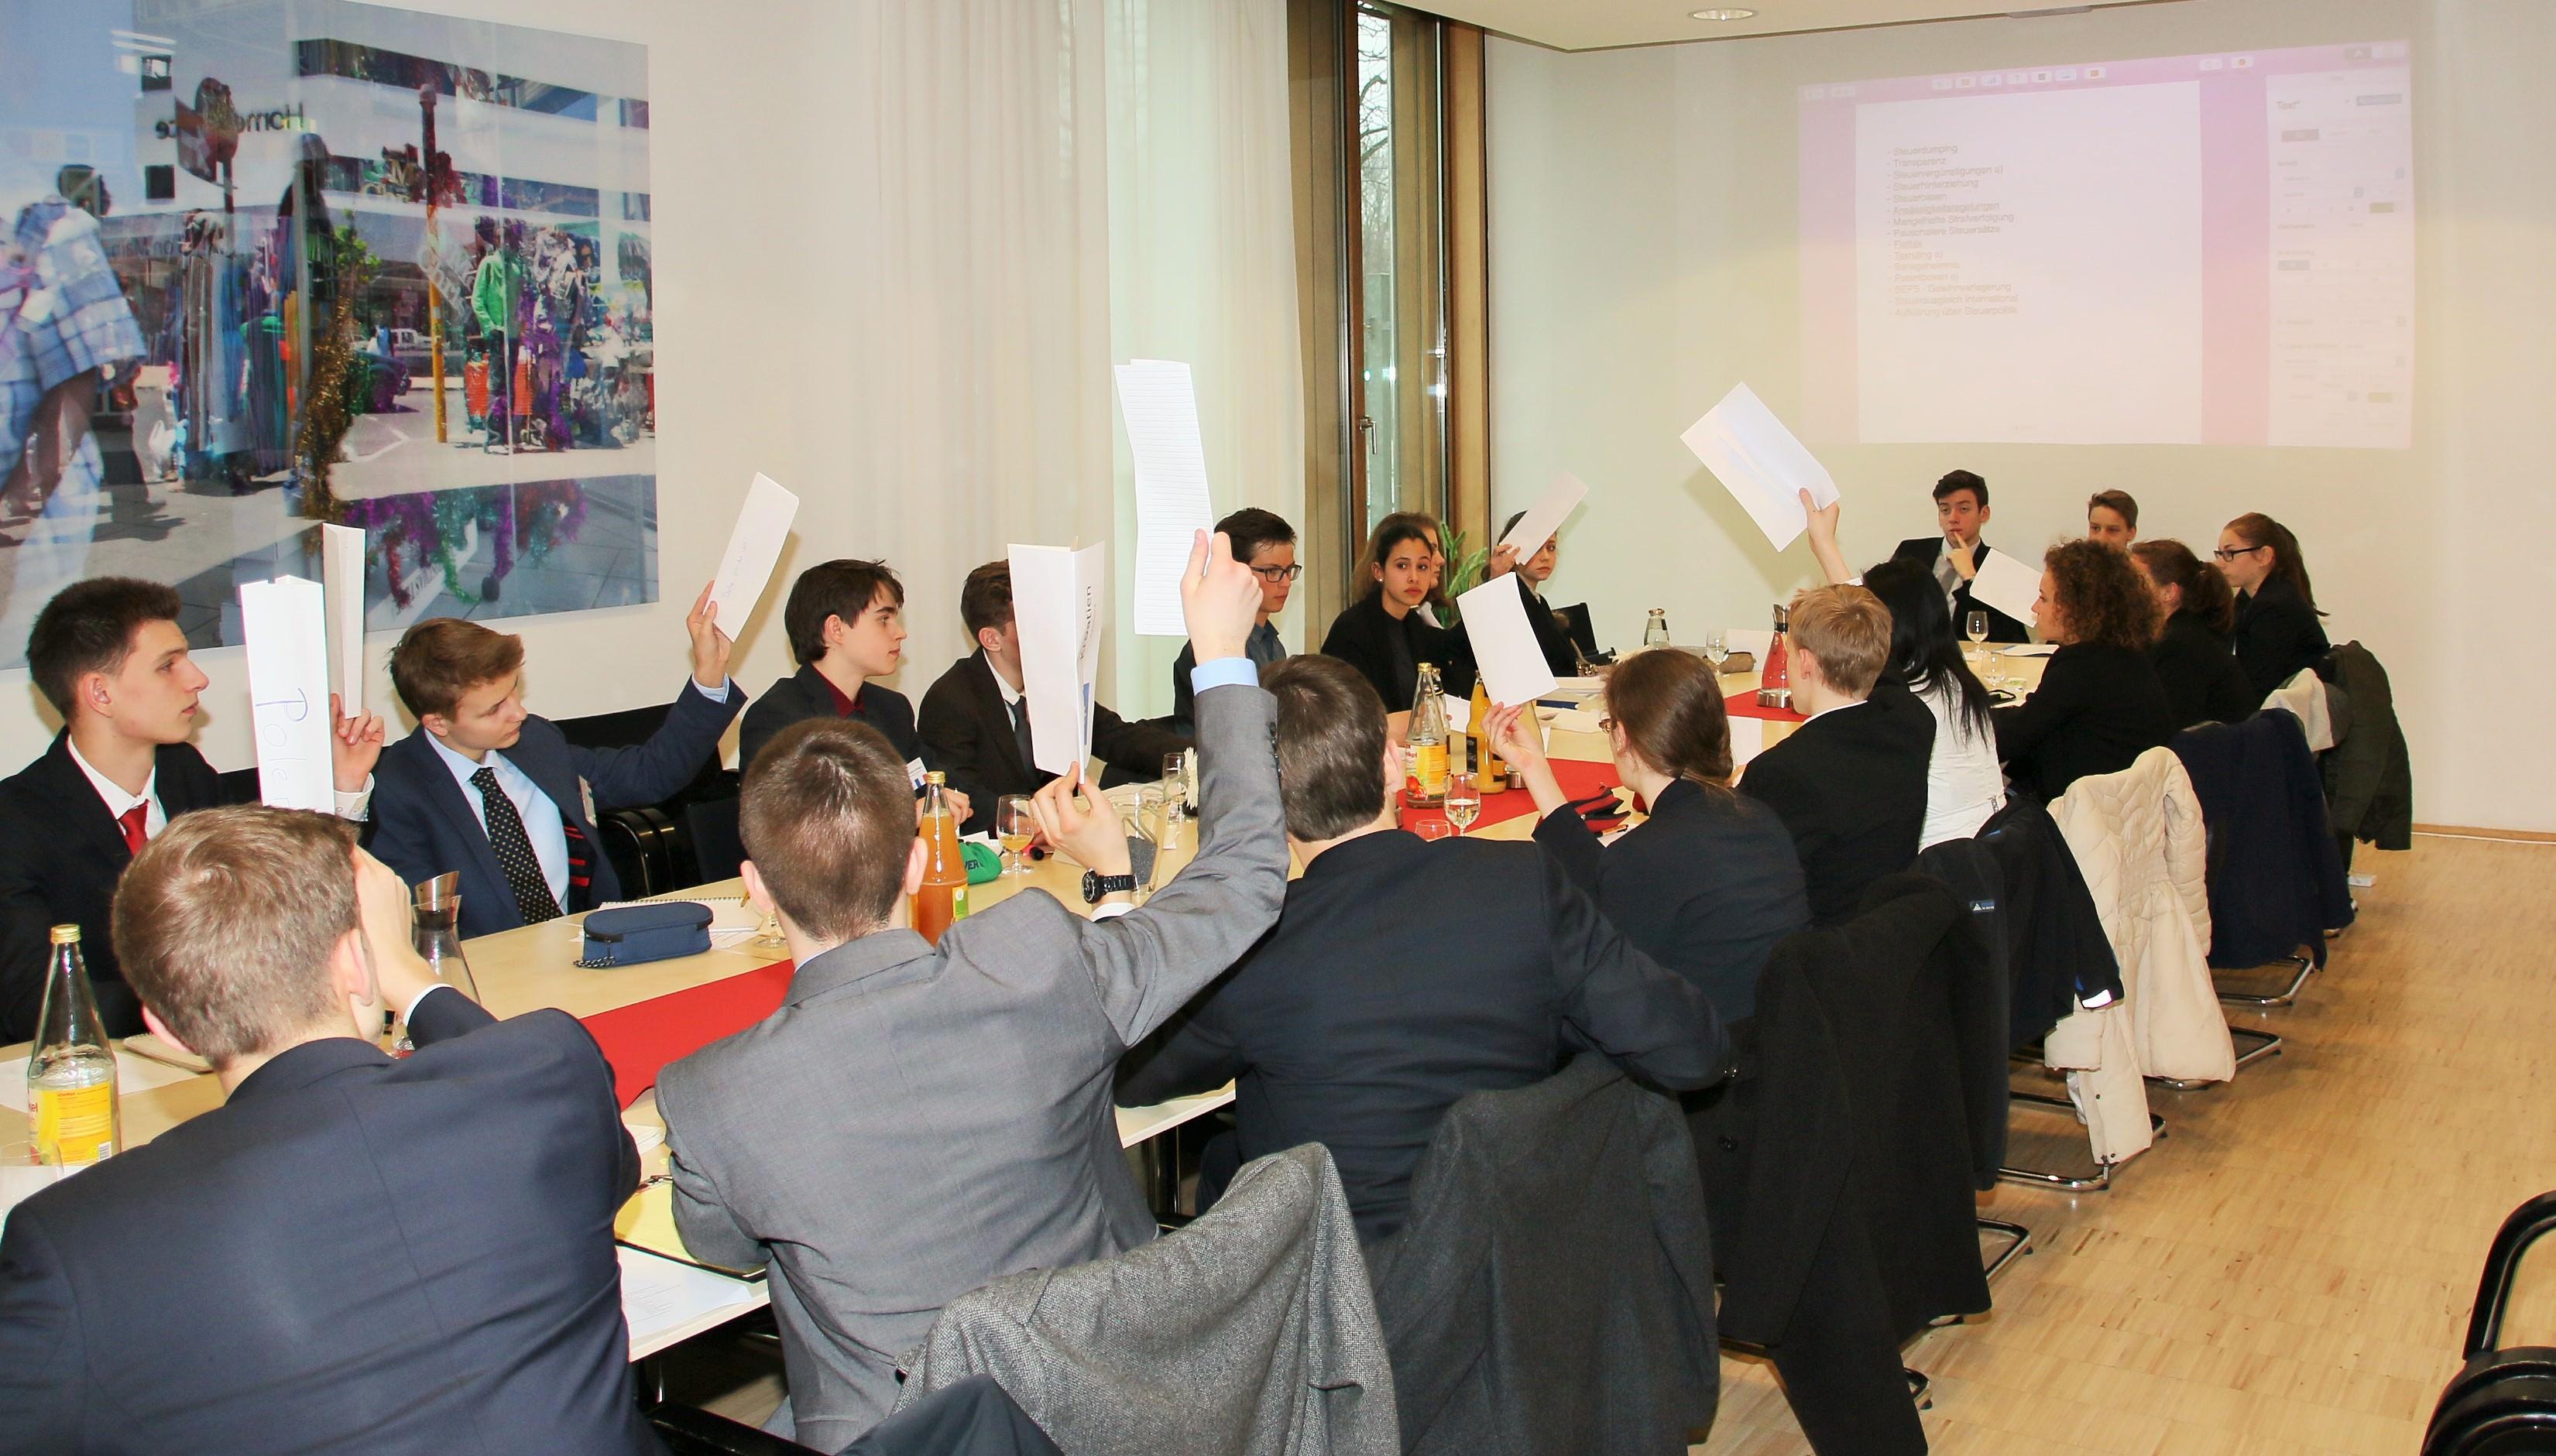 Schüler simulieren Europapolitik: Abstimmung in der Sitzung des MEP-Ausschusses in der Vertretung des Landes Niedersachsen. Foto: Heitmann